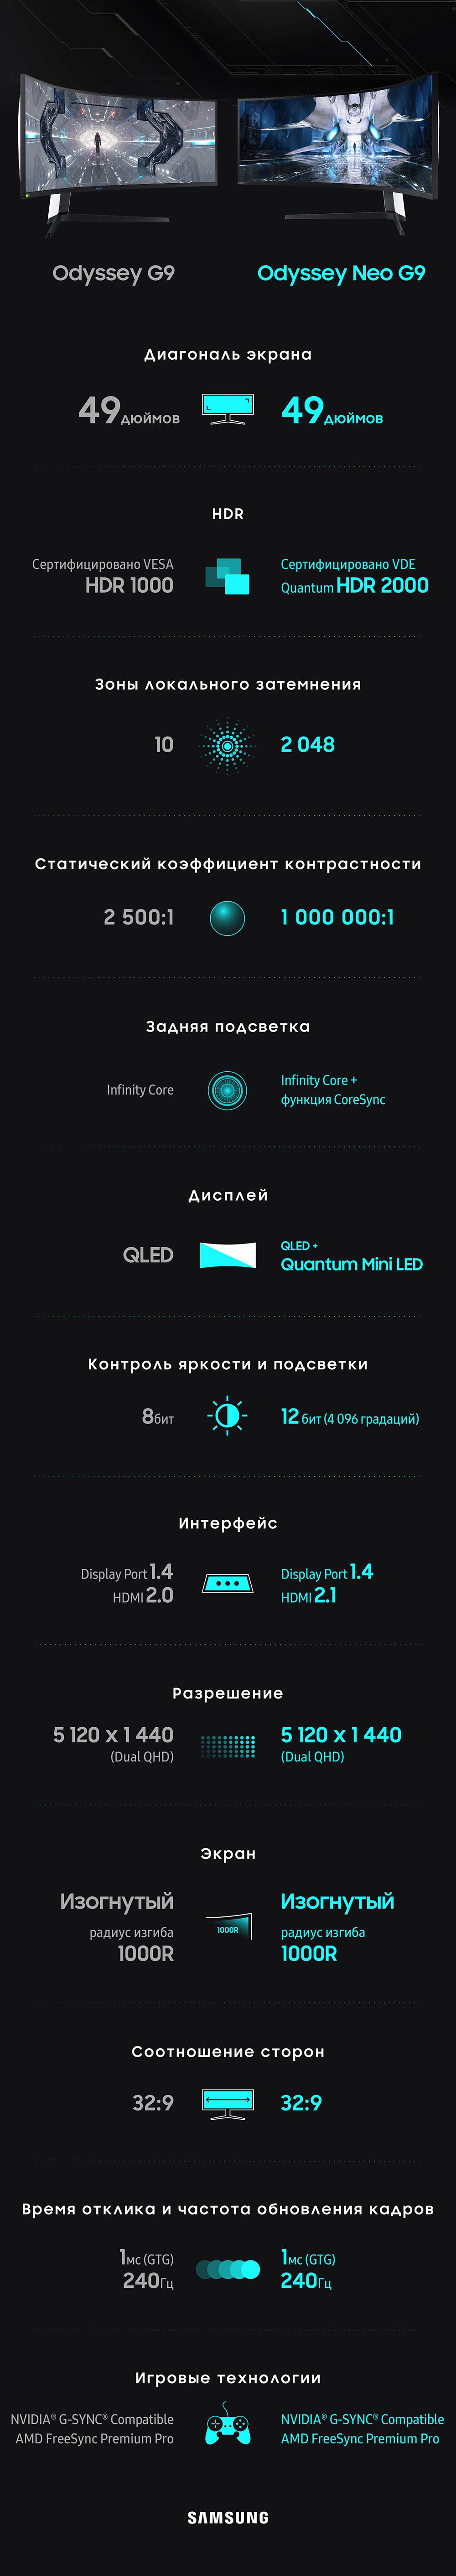 [Инфографика] Odyssey Neo G9: революционные возможности для геймеров